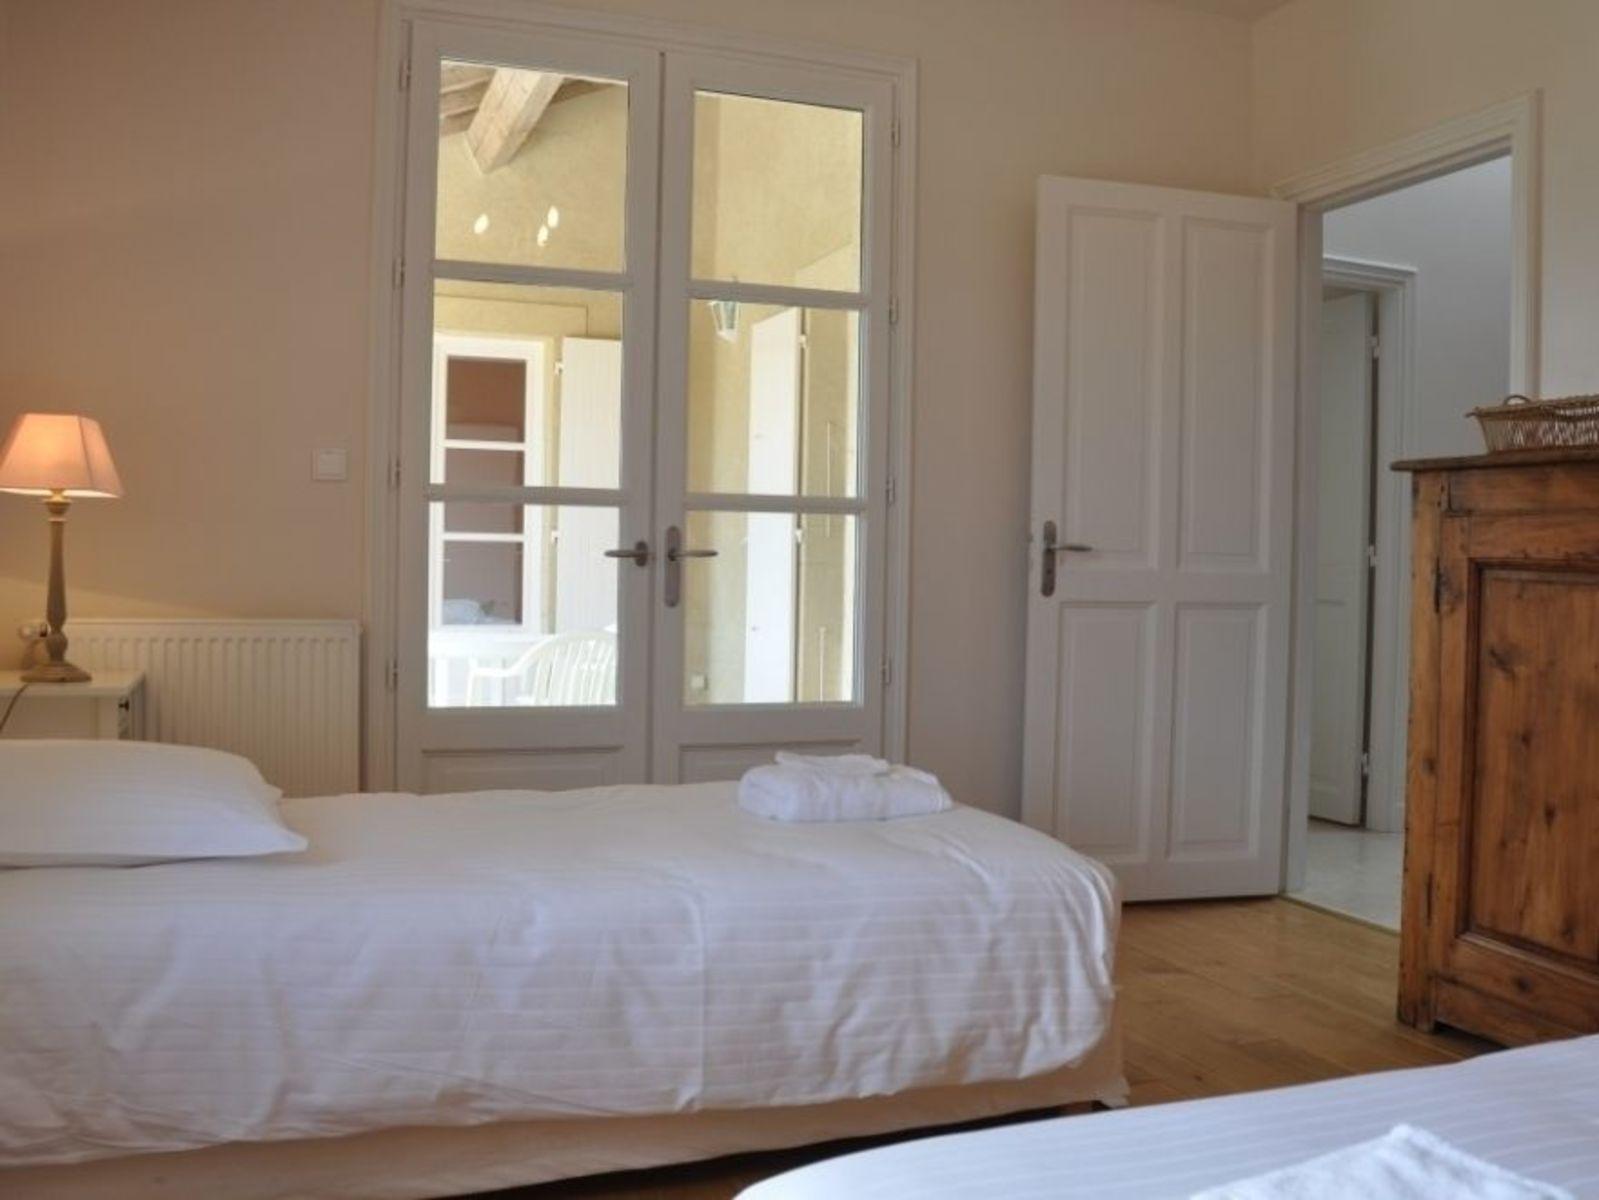 Domaine de Valence - Le Four a Pain vakantiehuis 10 personen Zuid-Frankrijk